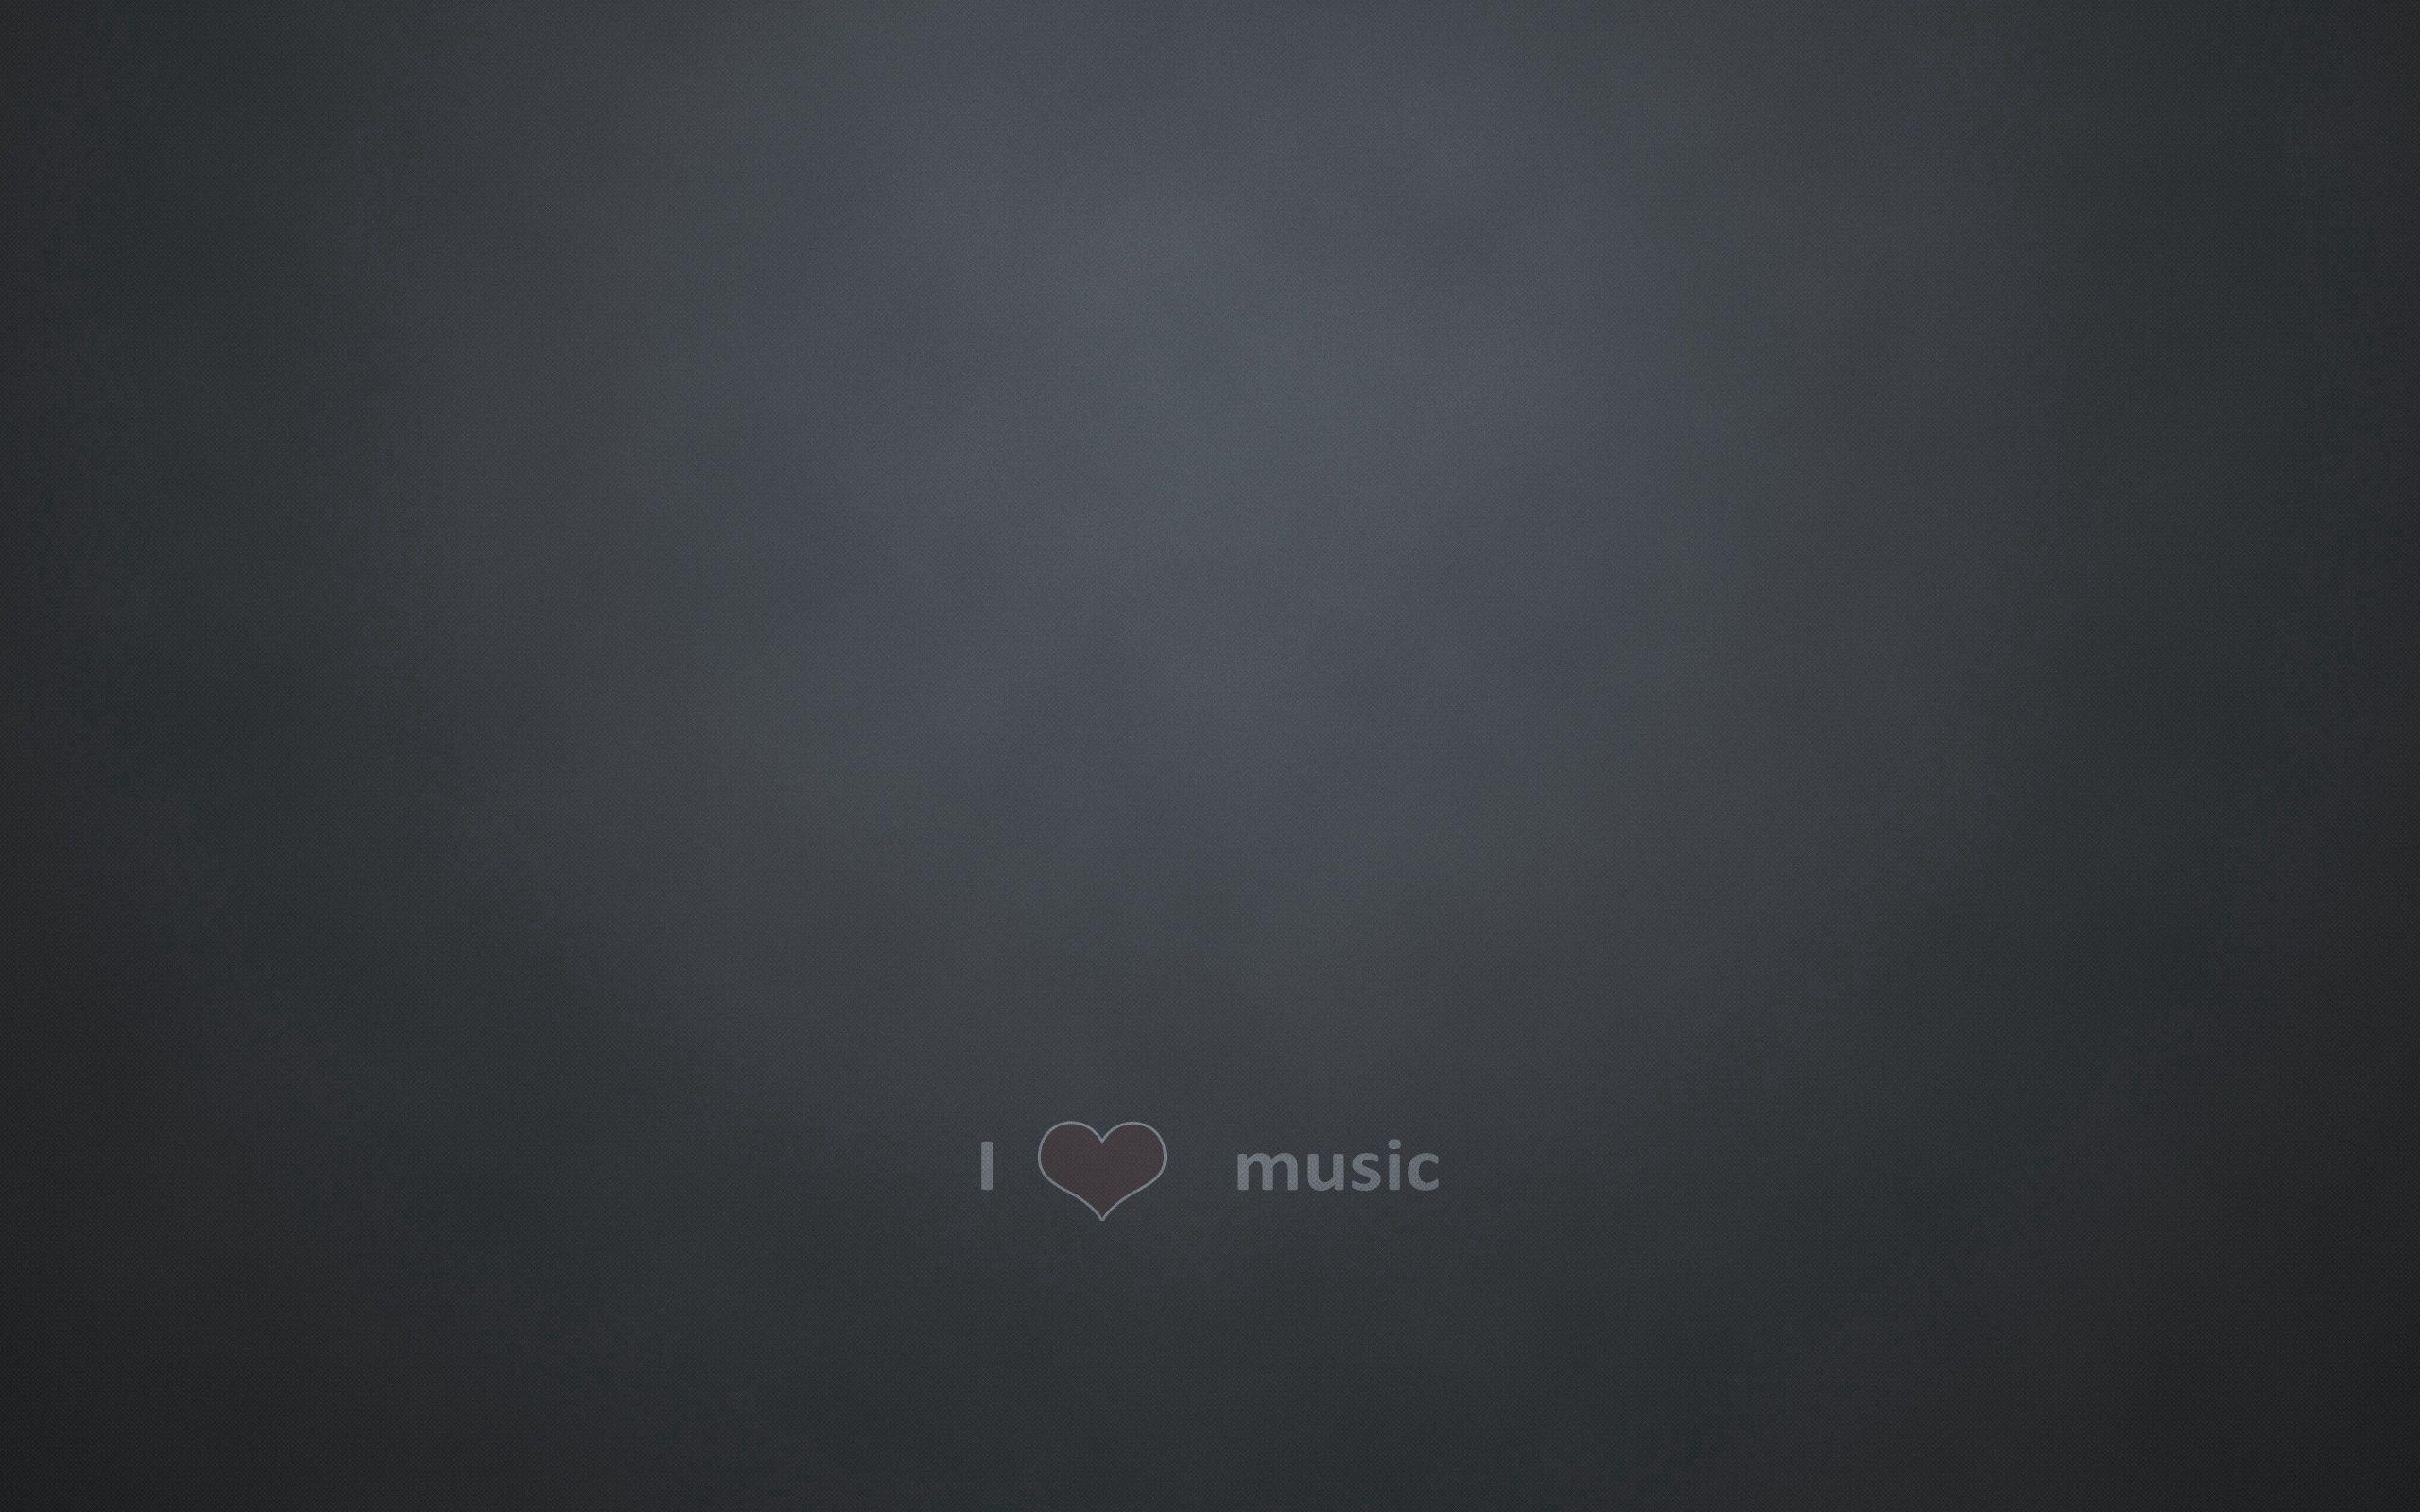 66408 Hintergrundbild 320x480 kostenlos auf deinem Handy, lade Bilder Die Wörter, Herzen, Wörter, Minimalismus, Inschrift, Ein Herz, Herz, Ich Liebe Musik, Ich Mag Musik 320x480 auf dein Handy herunter